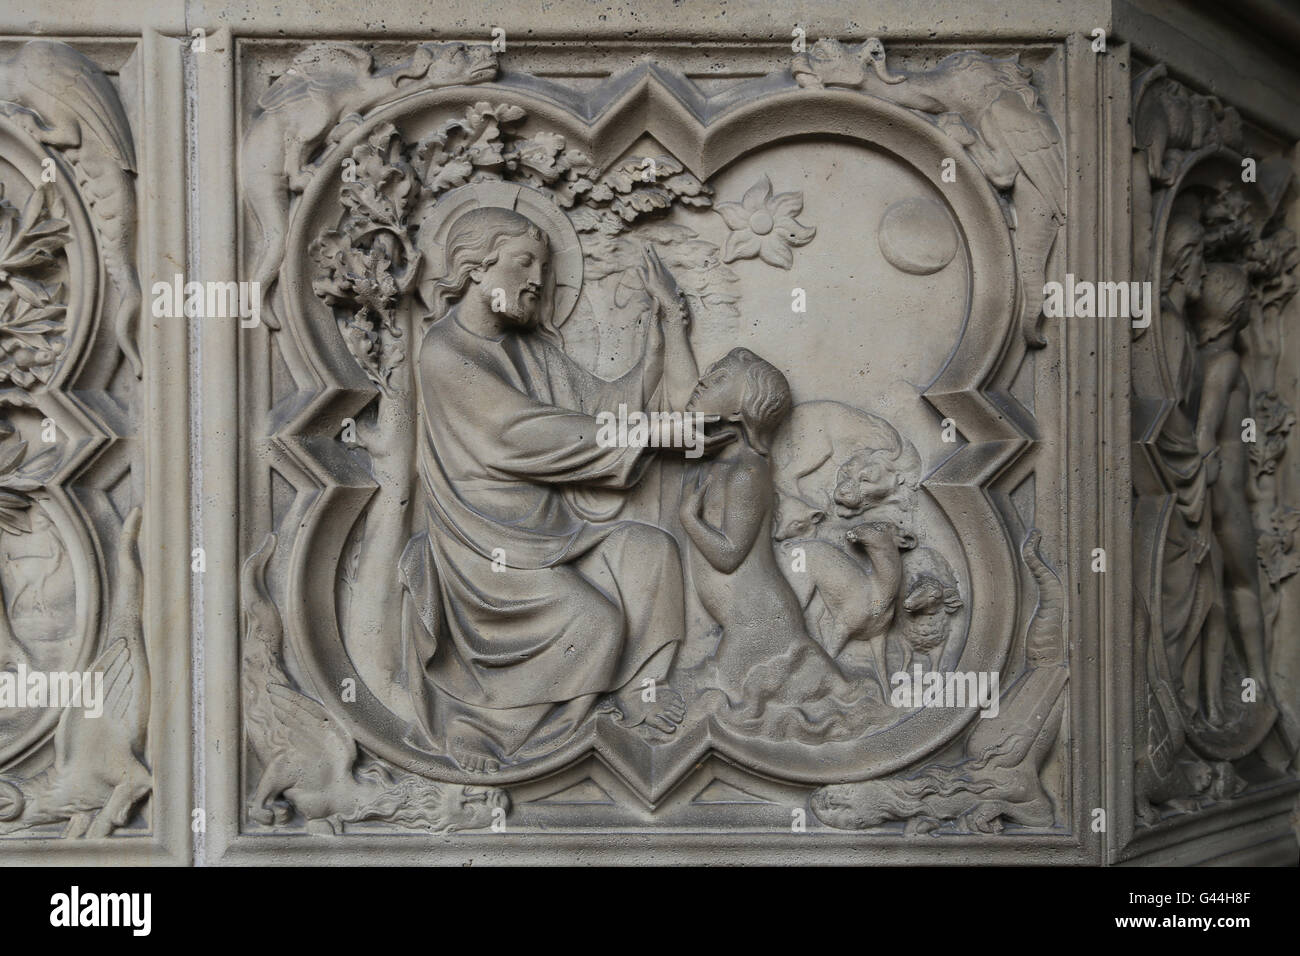 Schaffung von Adam. Relief. Genesis. 13. c. La Sainte-Chapelle, Paris, Frankreich. Stockbild